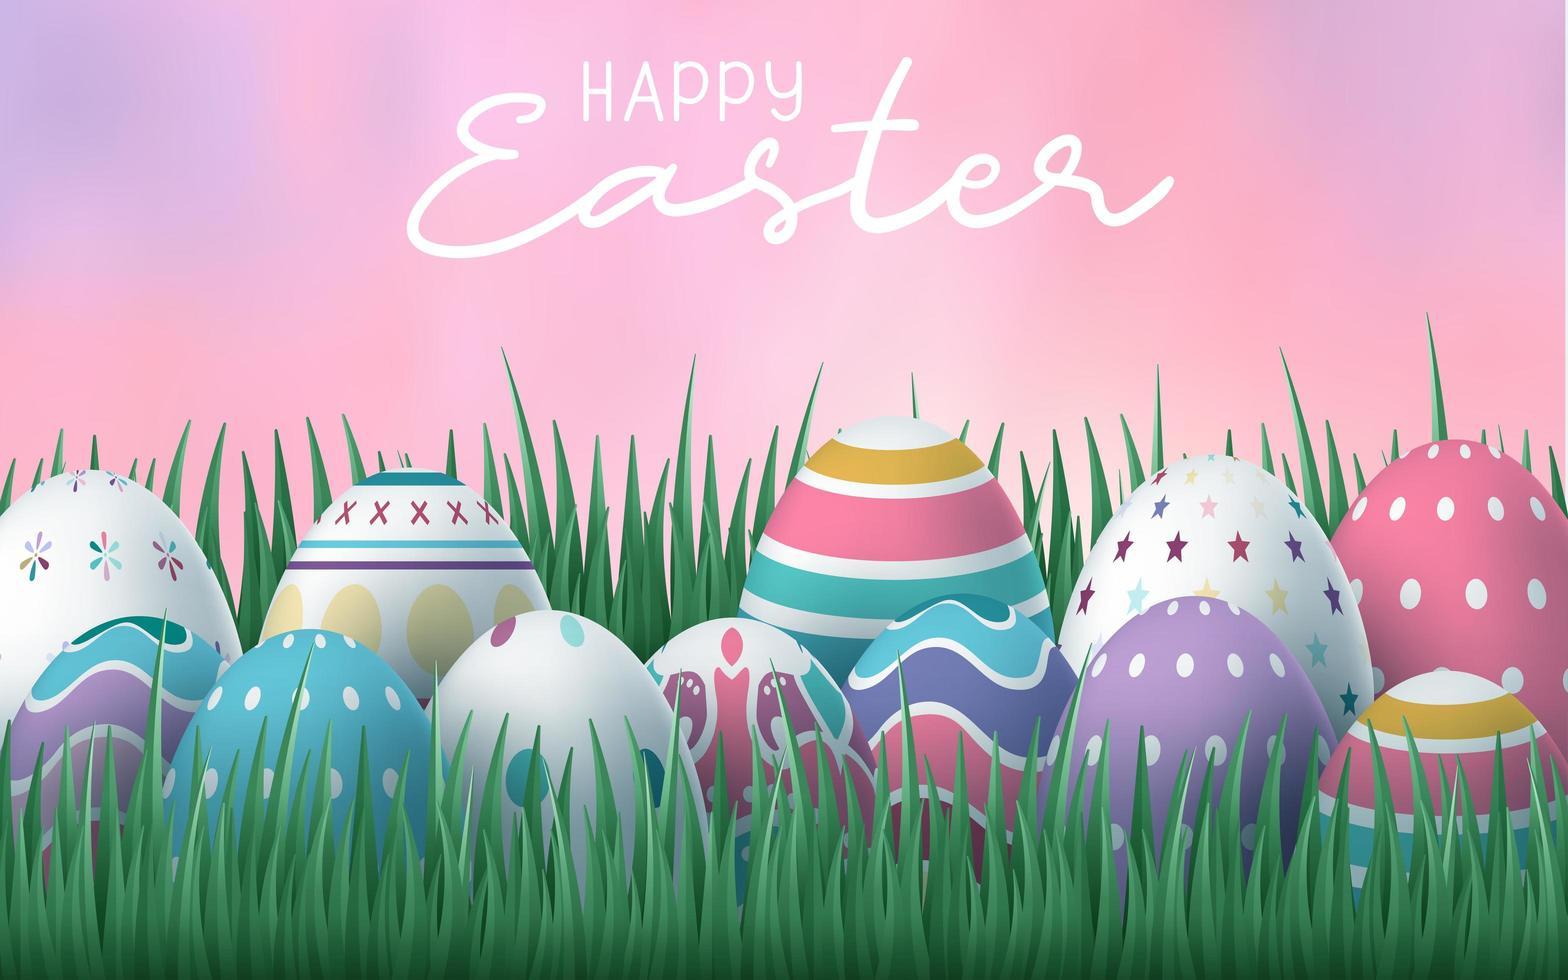 Happy Easter achtergrond met eieren in gras met roze hemel vector